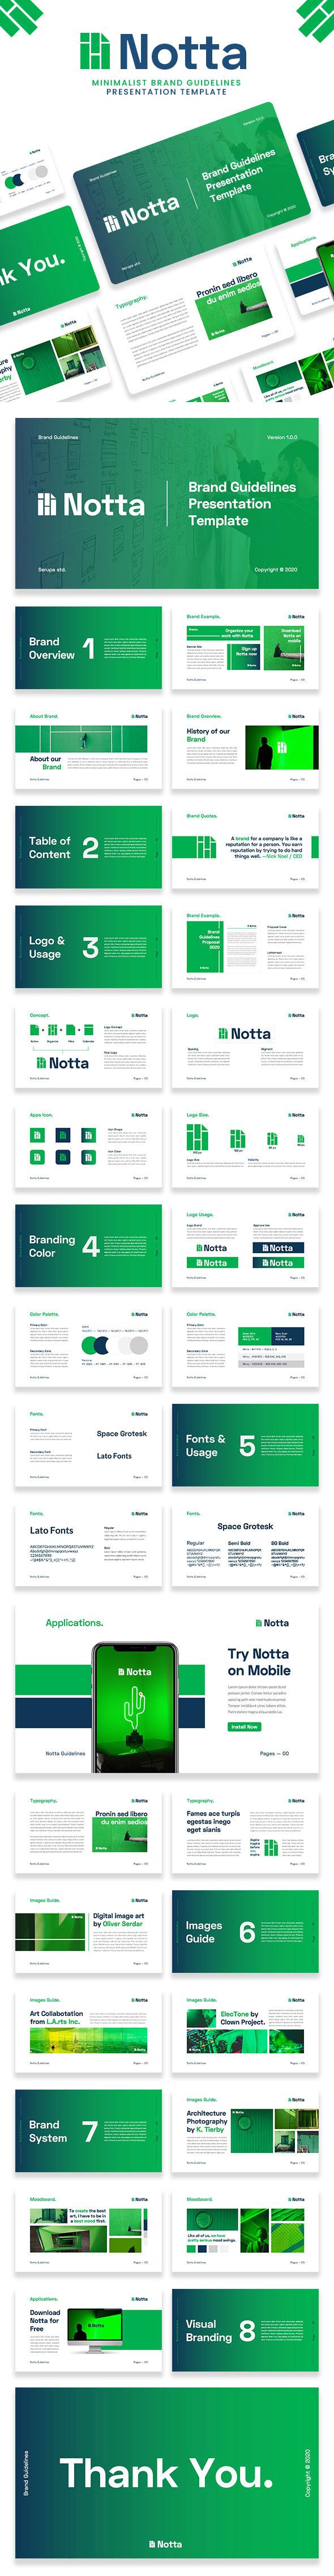 Notta – Brand Guidelines Google Slide Template